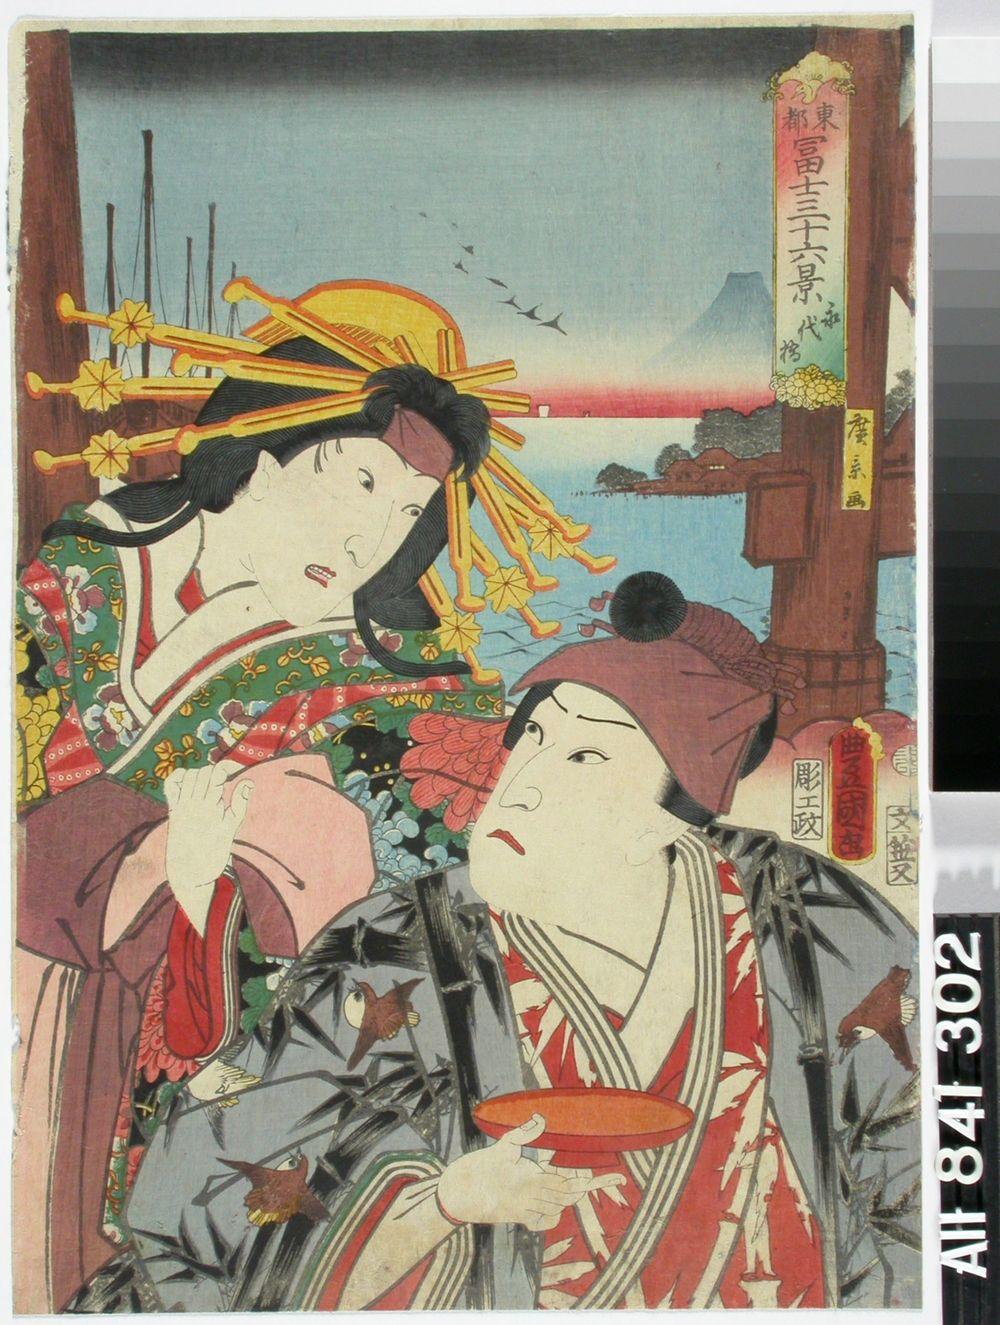 Näyttelijät Kataoka Nizaemon VIII(?) ja Onoe Kikugoro IV. Eitaibashi sarjasta Kolmekymmentäkuusi näkymää Fuji-vuoresta